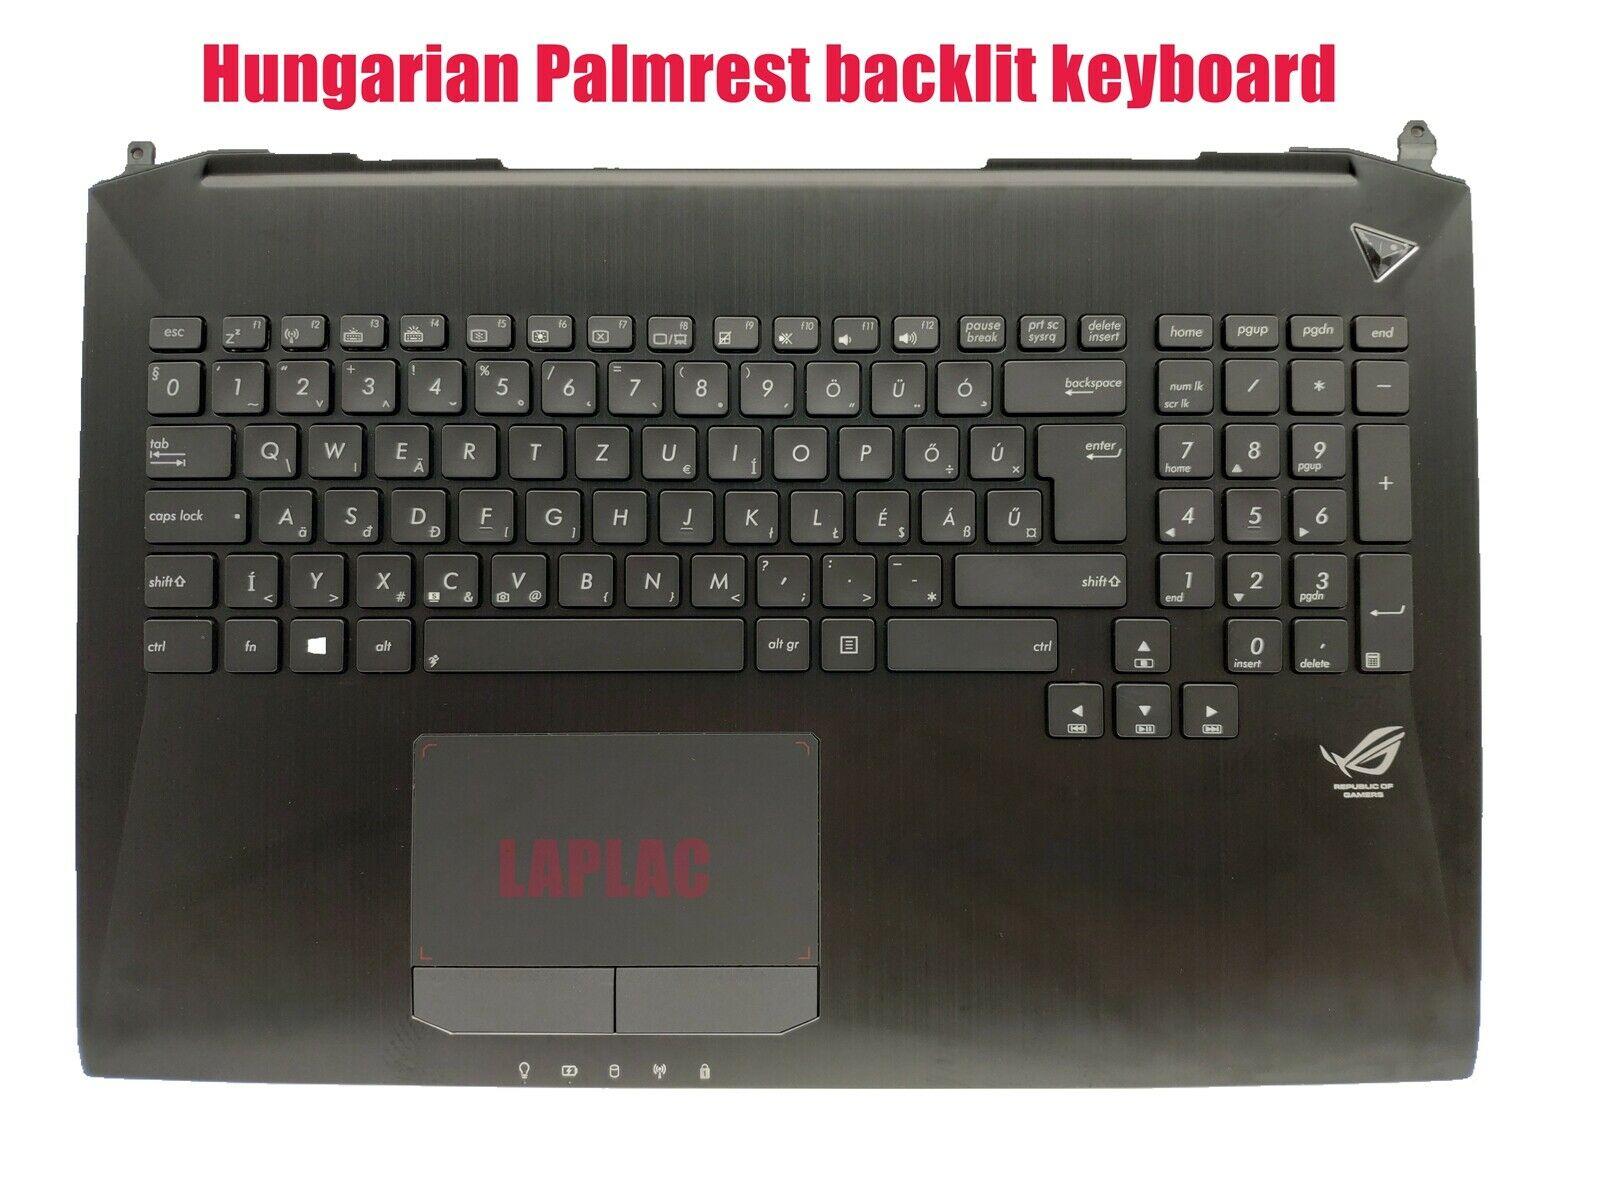 Magyar Hungarian Palmrest backlit keyboard for Asus G750JM G750JX G750JZ G750JY